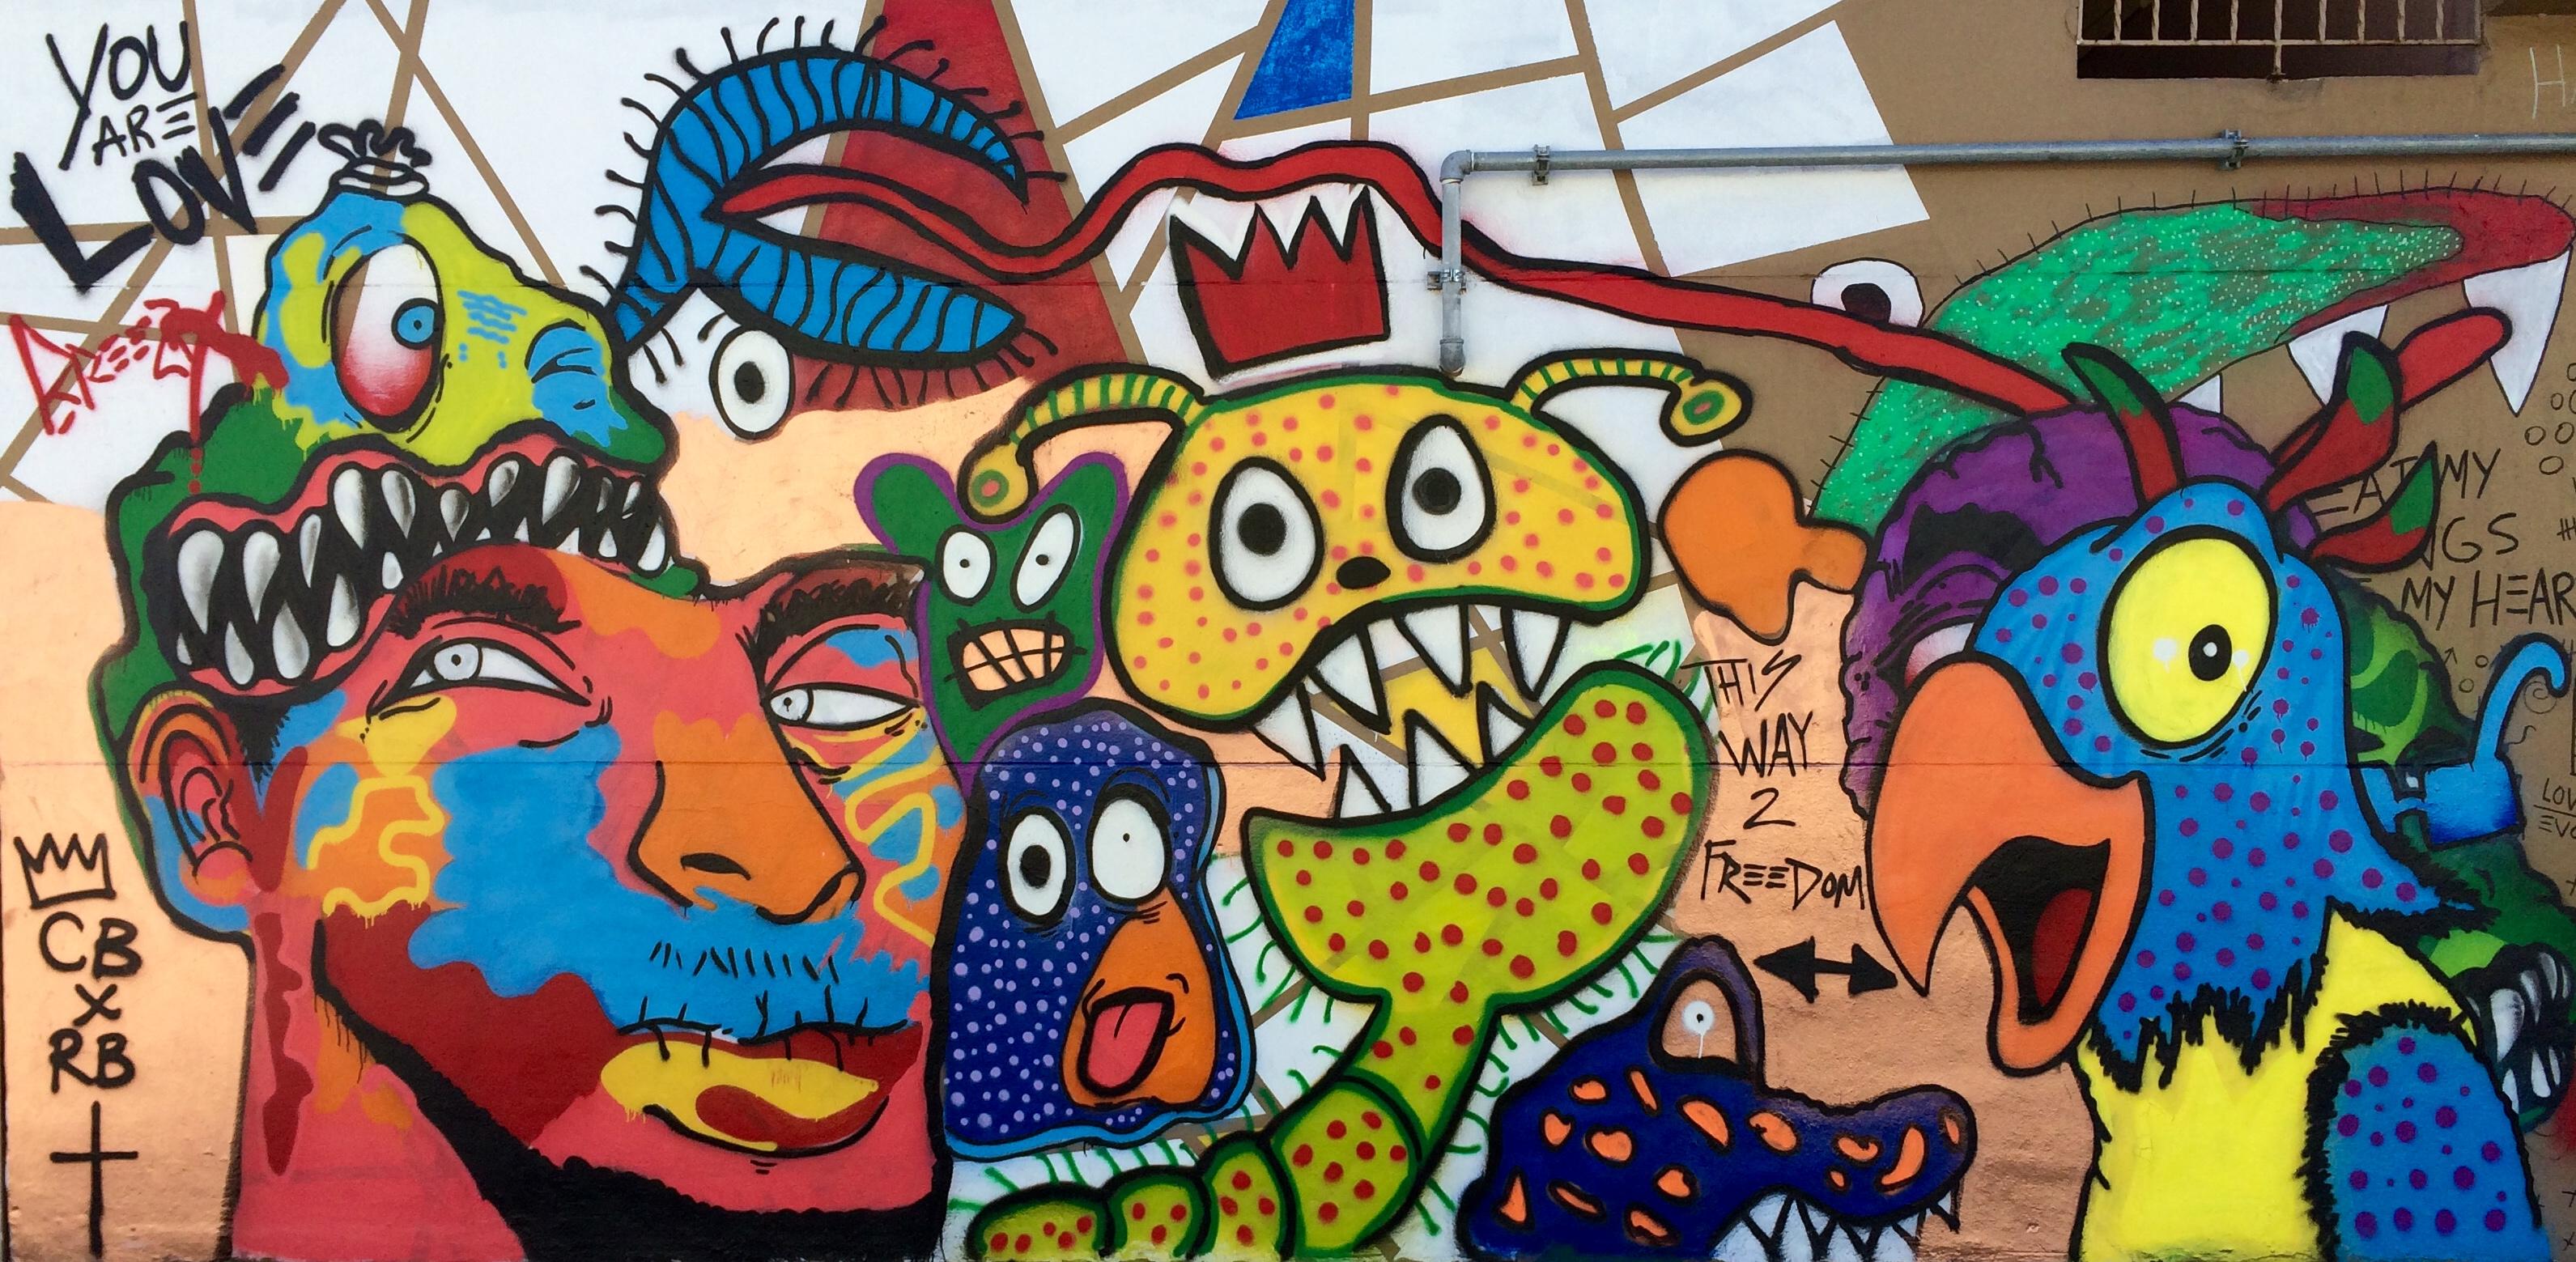 Chris brown paints mural for overtown children wlrn for Children s mural artist